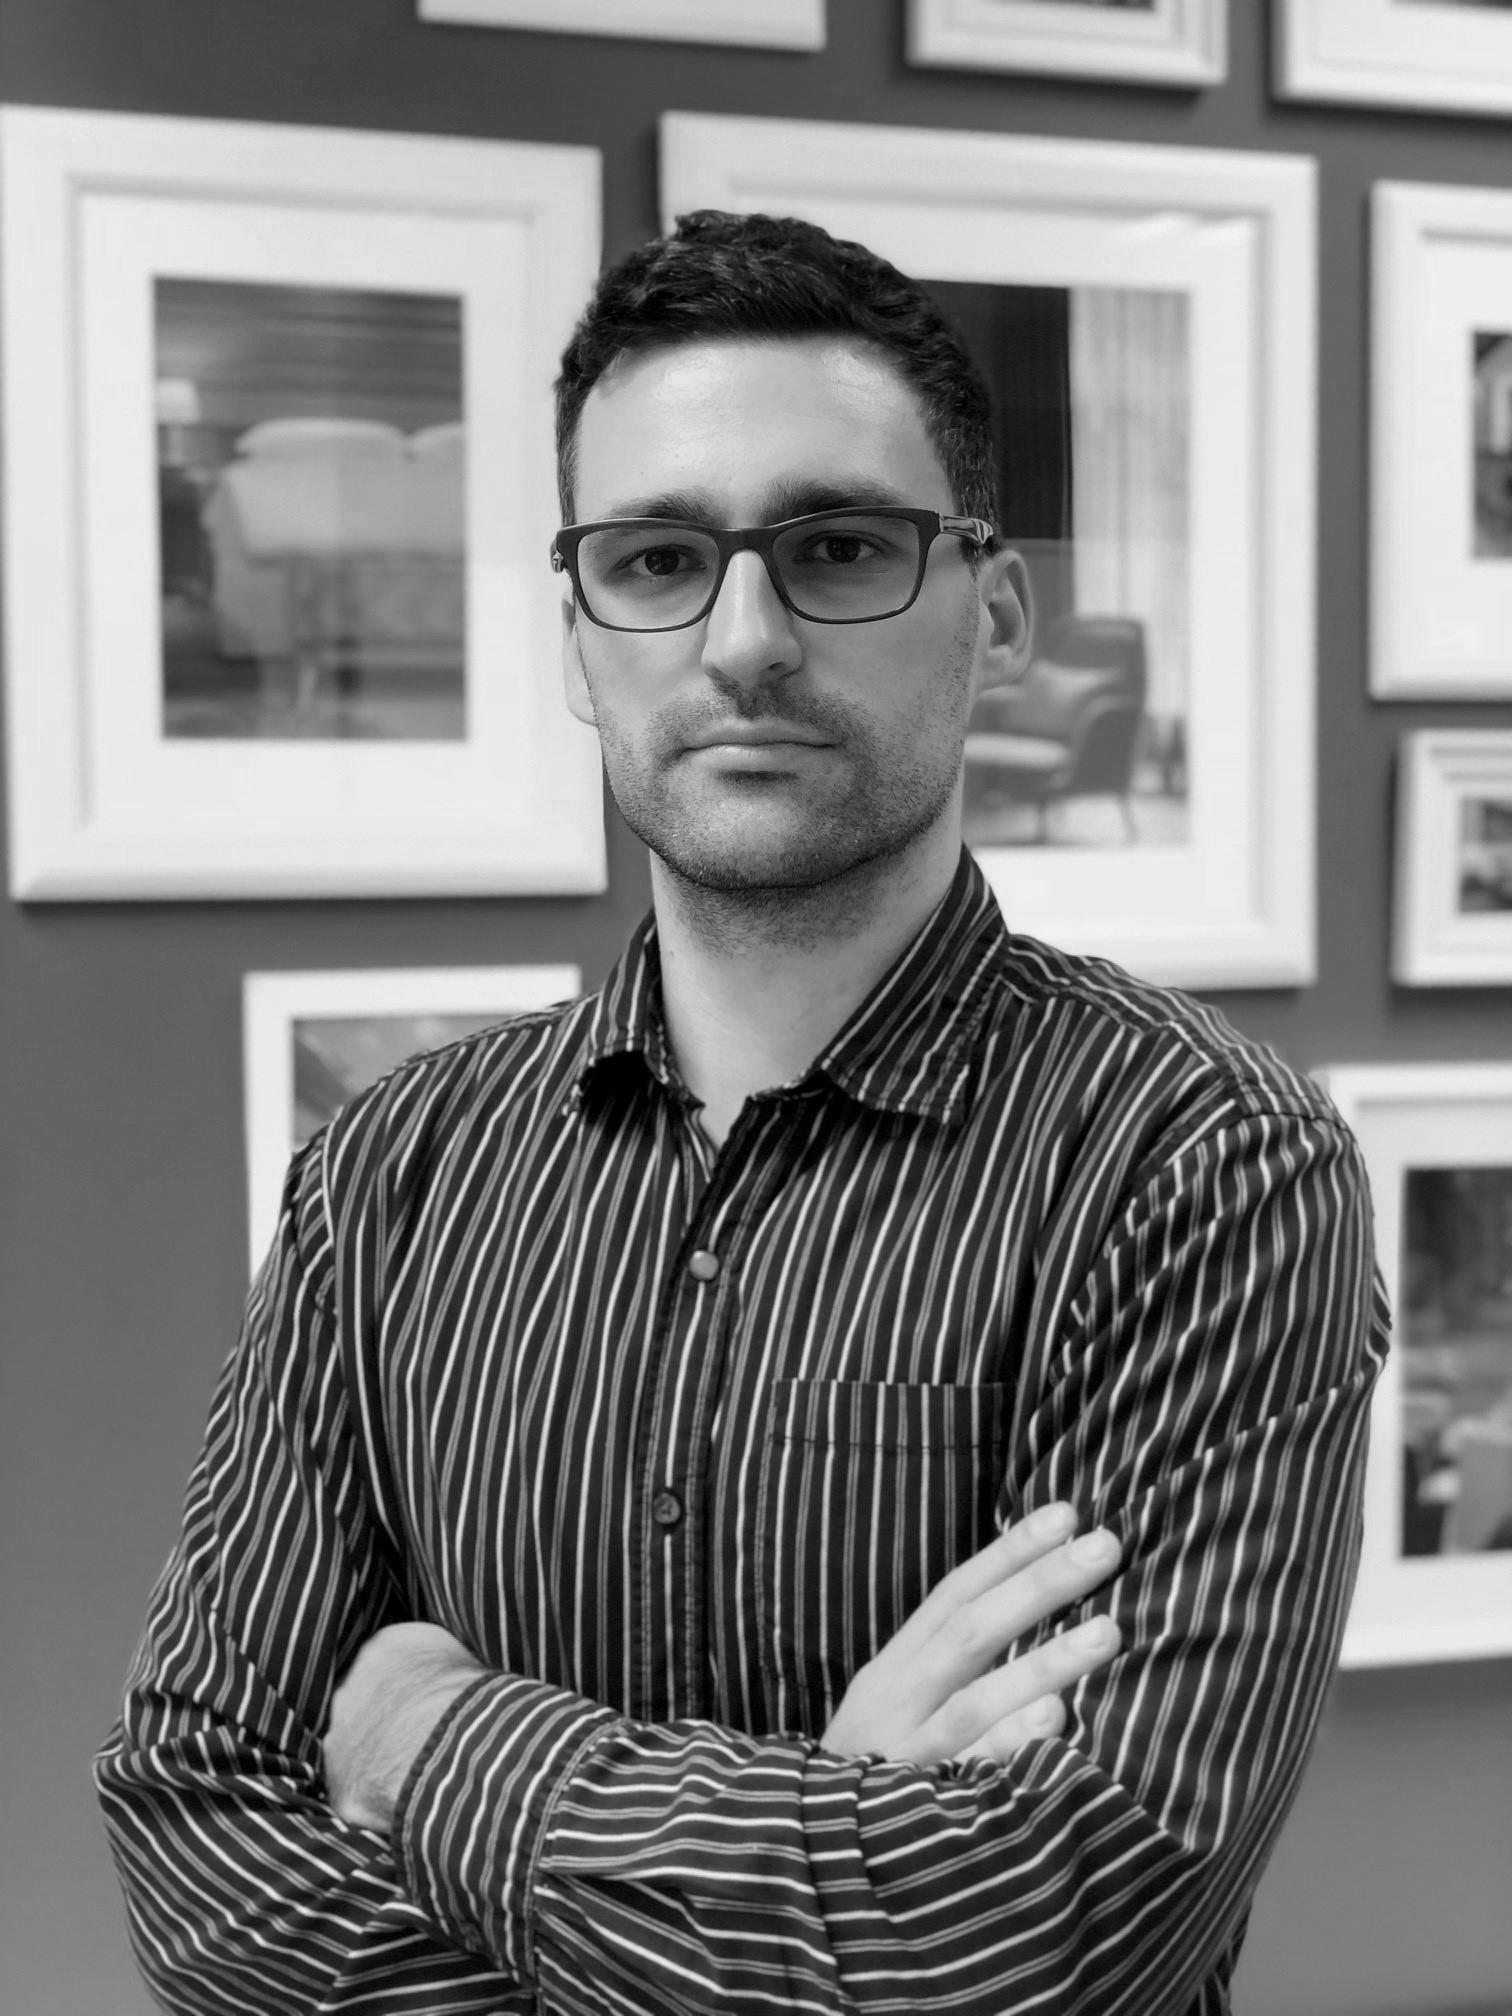 Mišel Kitić, Architect